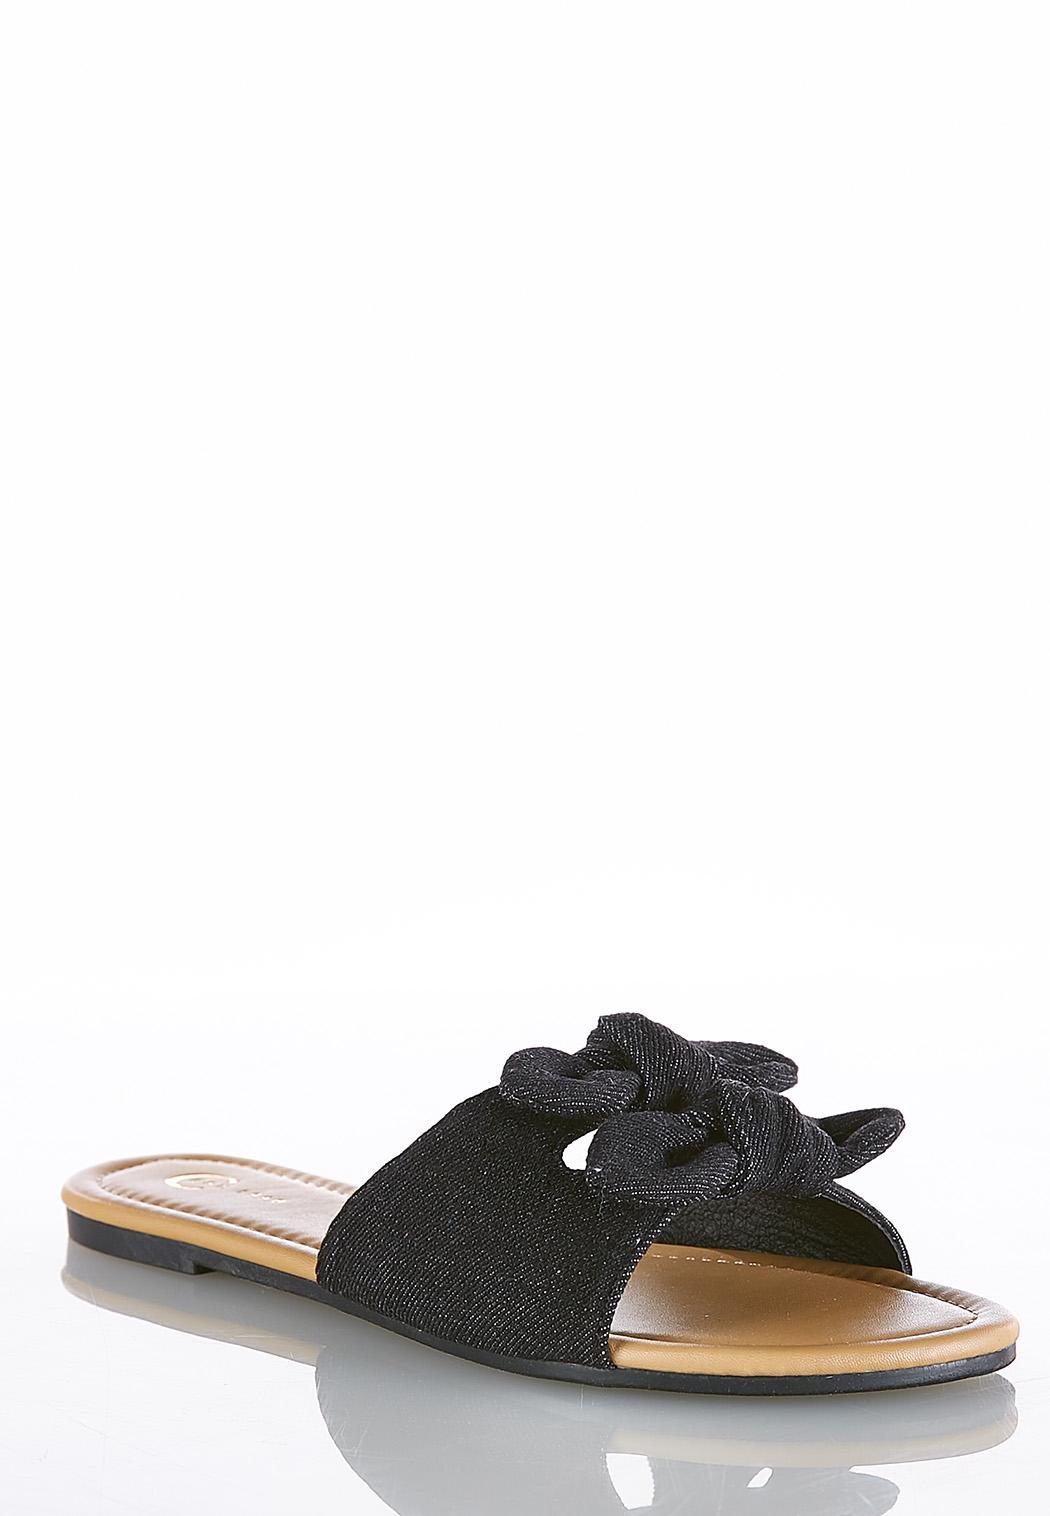 0c382ecda Women's Flat Sandals